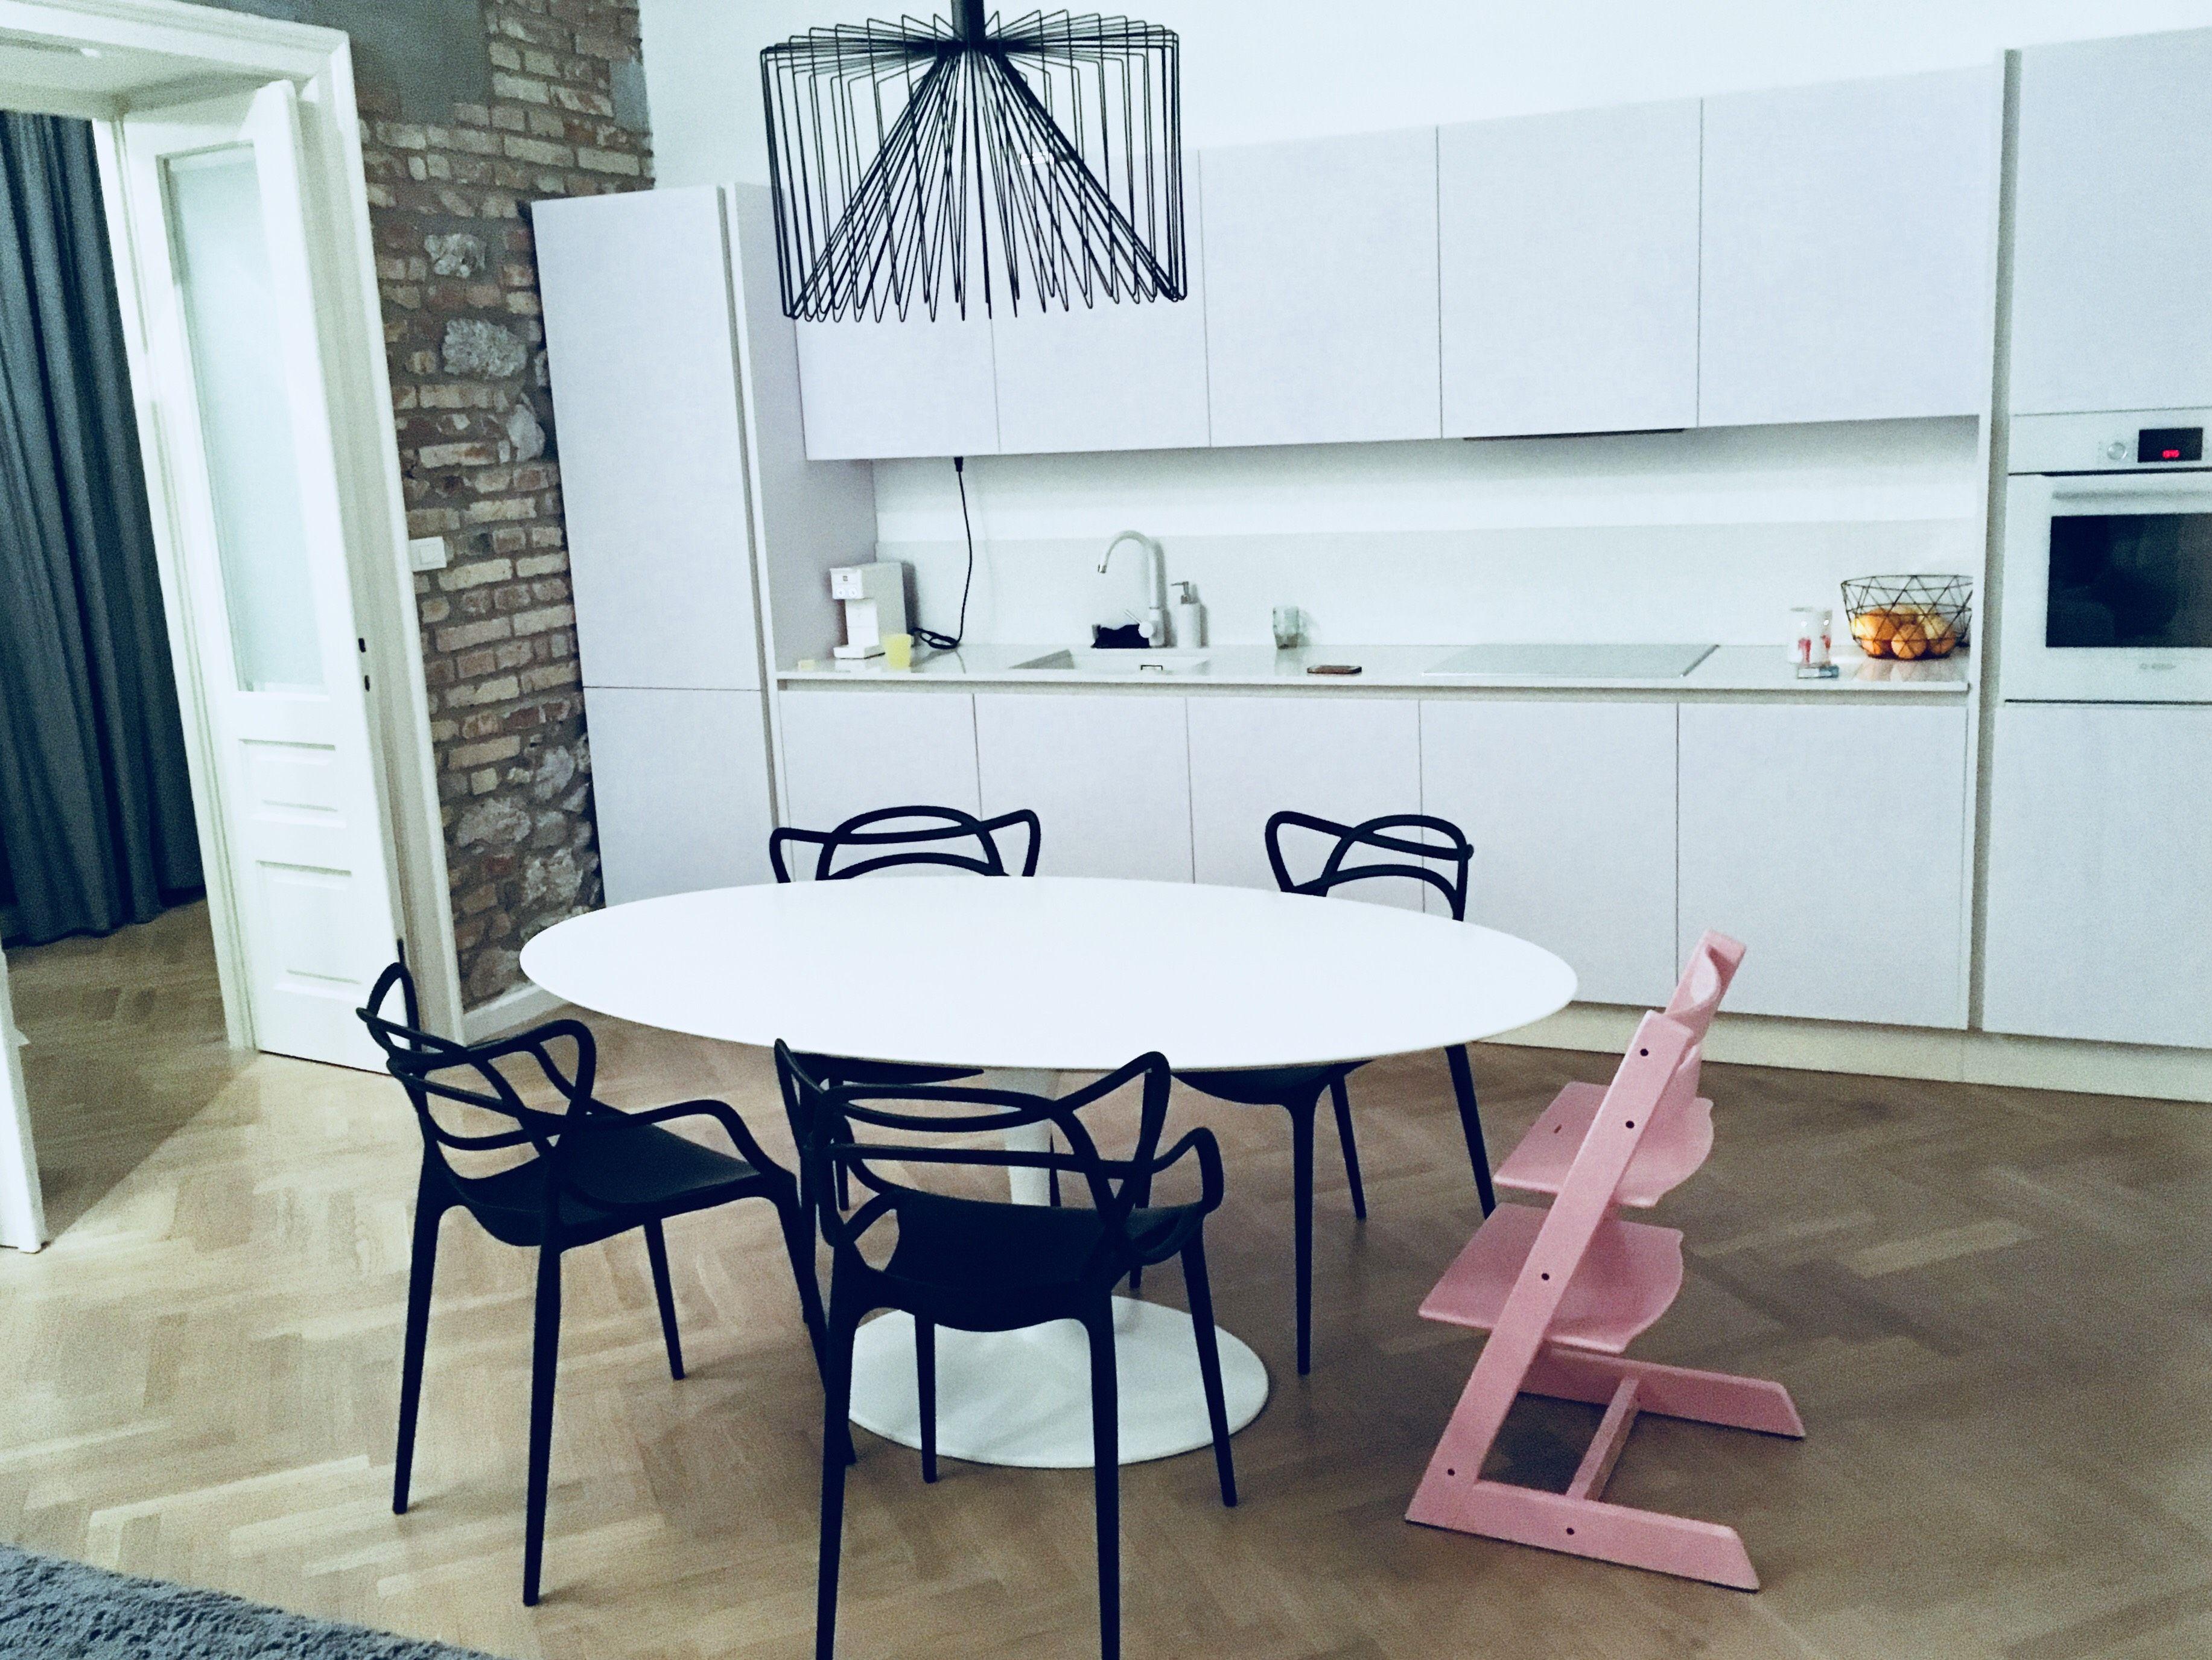 Saarinen Tavolo ~ Tavolo sedie tulip saarinen chair table arredamento furniture made